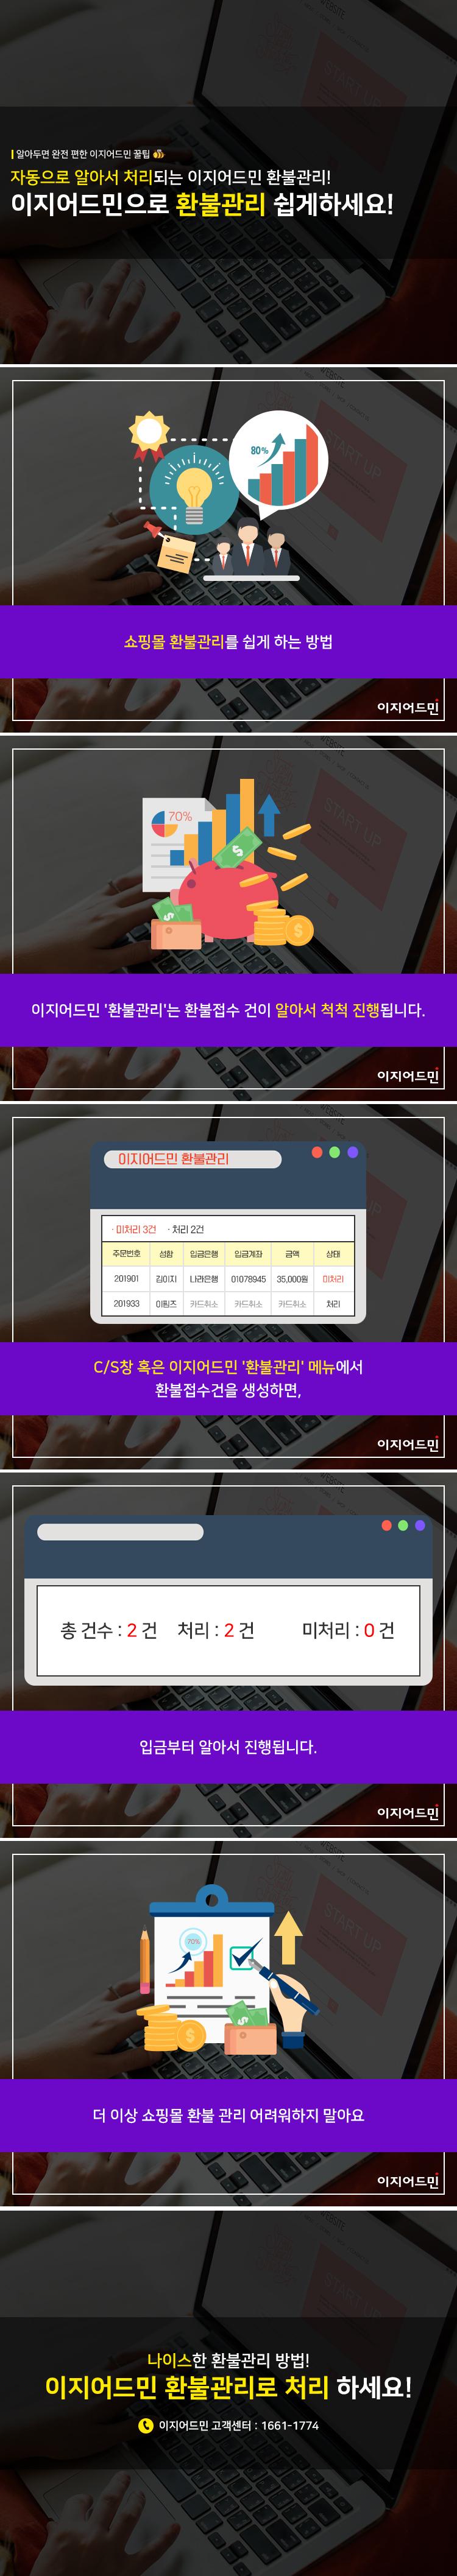 0123_환불관리_카드뉴스